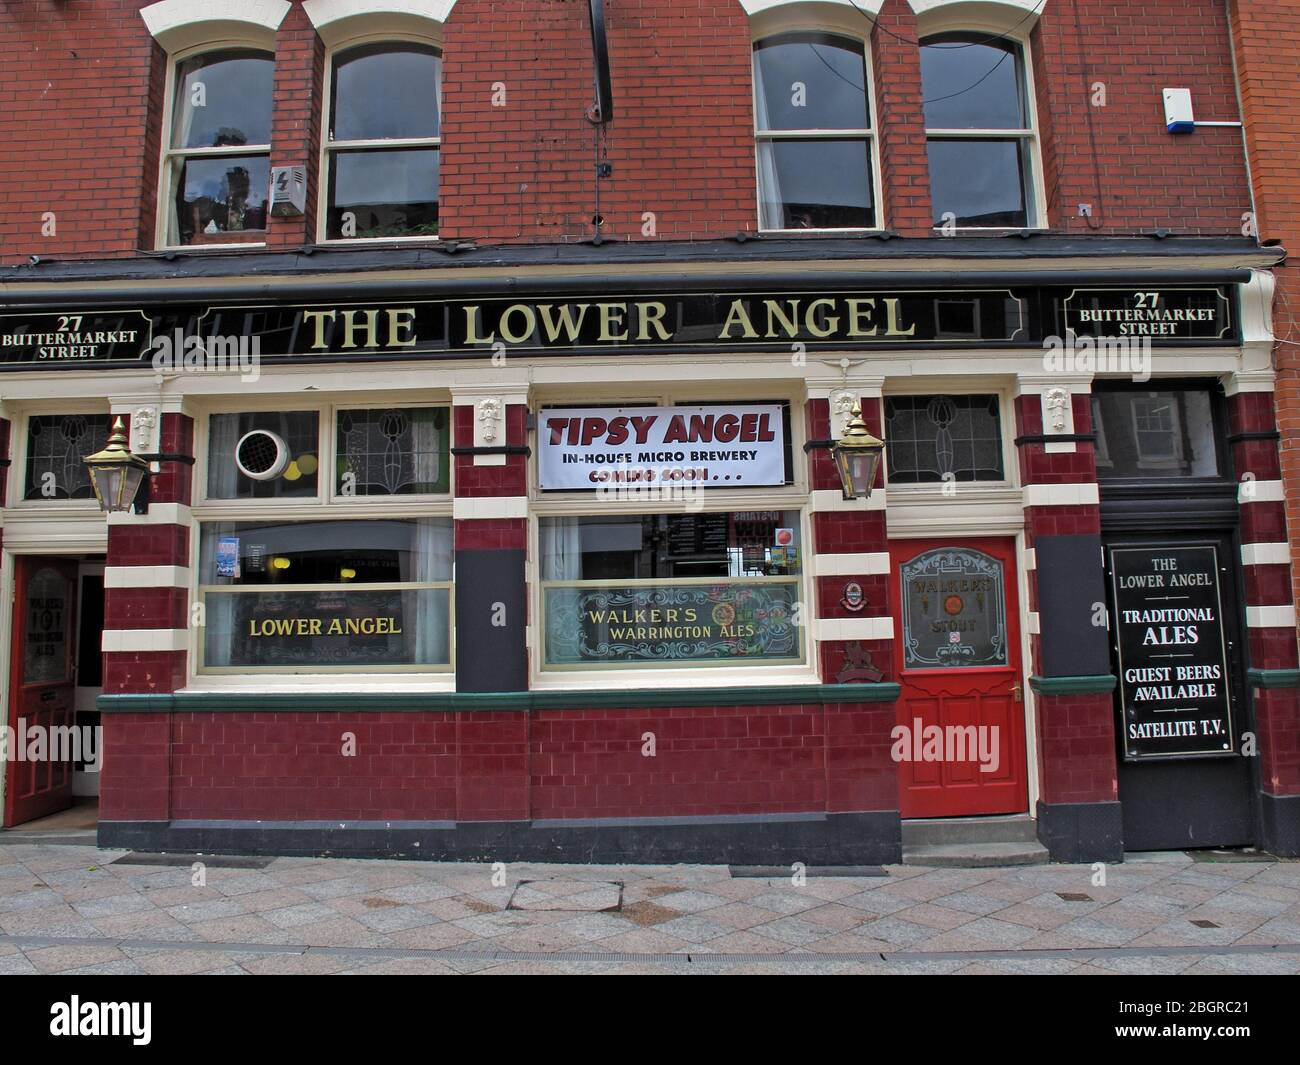 Dieses Stockfoto: The Lower Angel Pub, Buttermarket Street, Warrington Town Centre, Cheshire, England, Großbritannien, WA1 - 2BGRC2